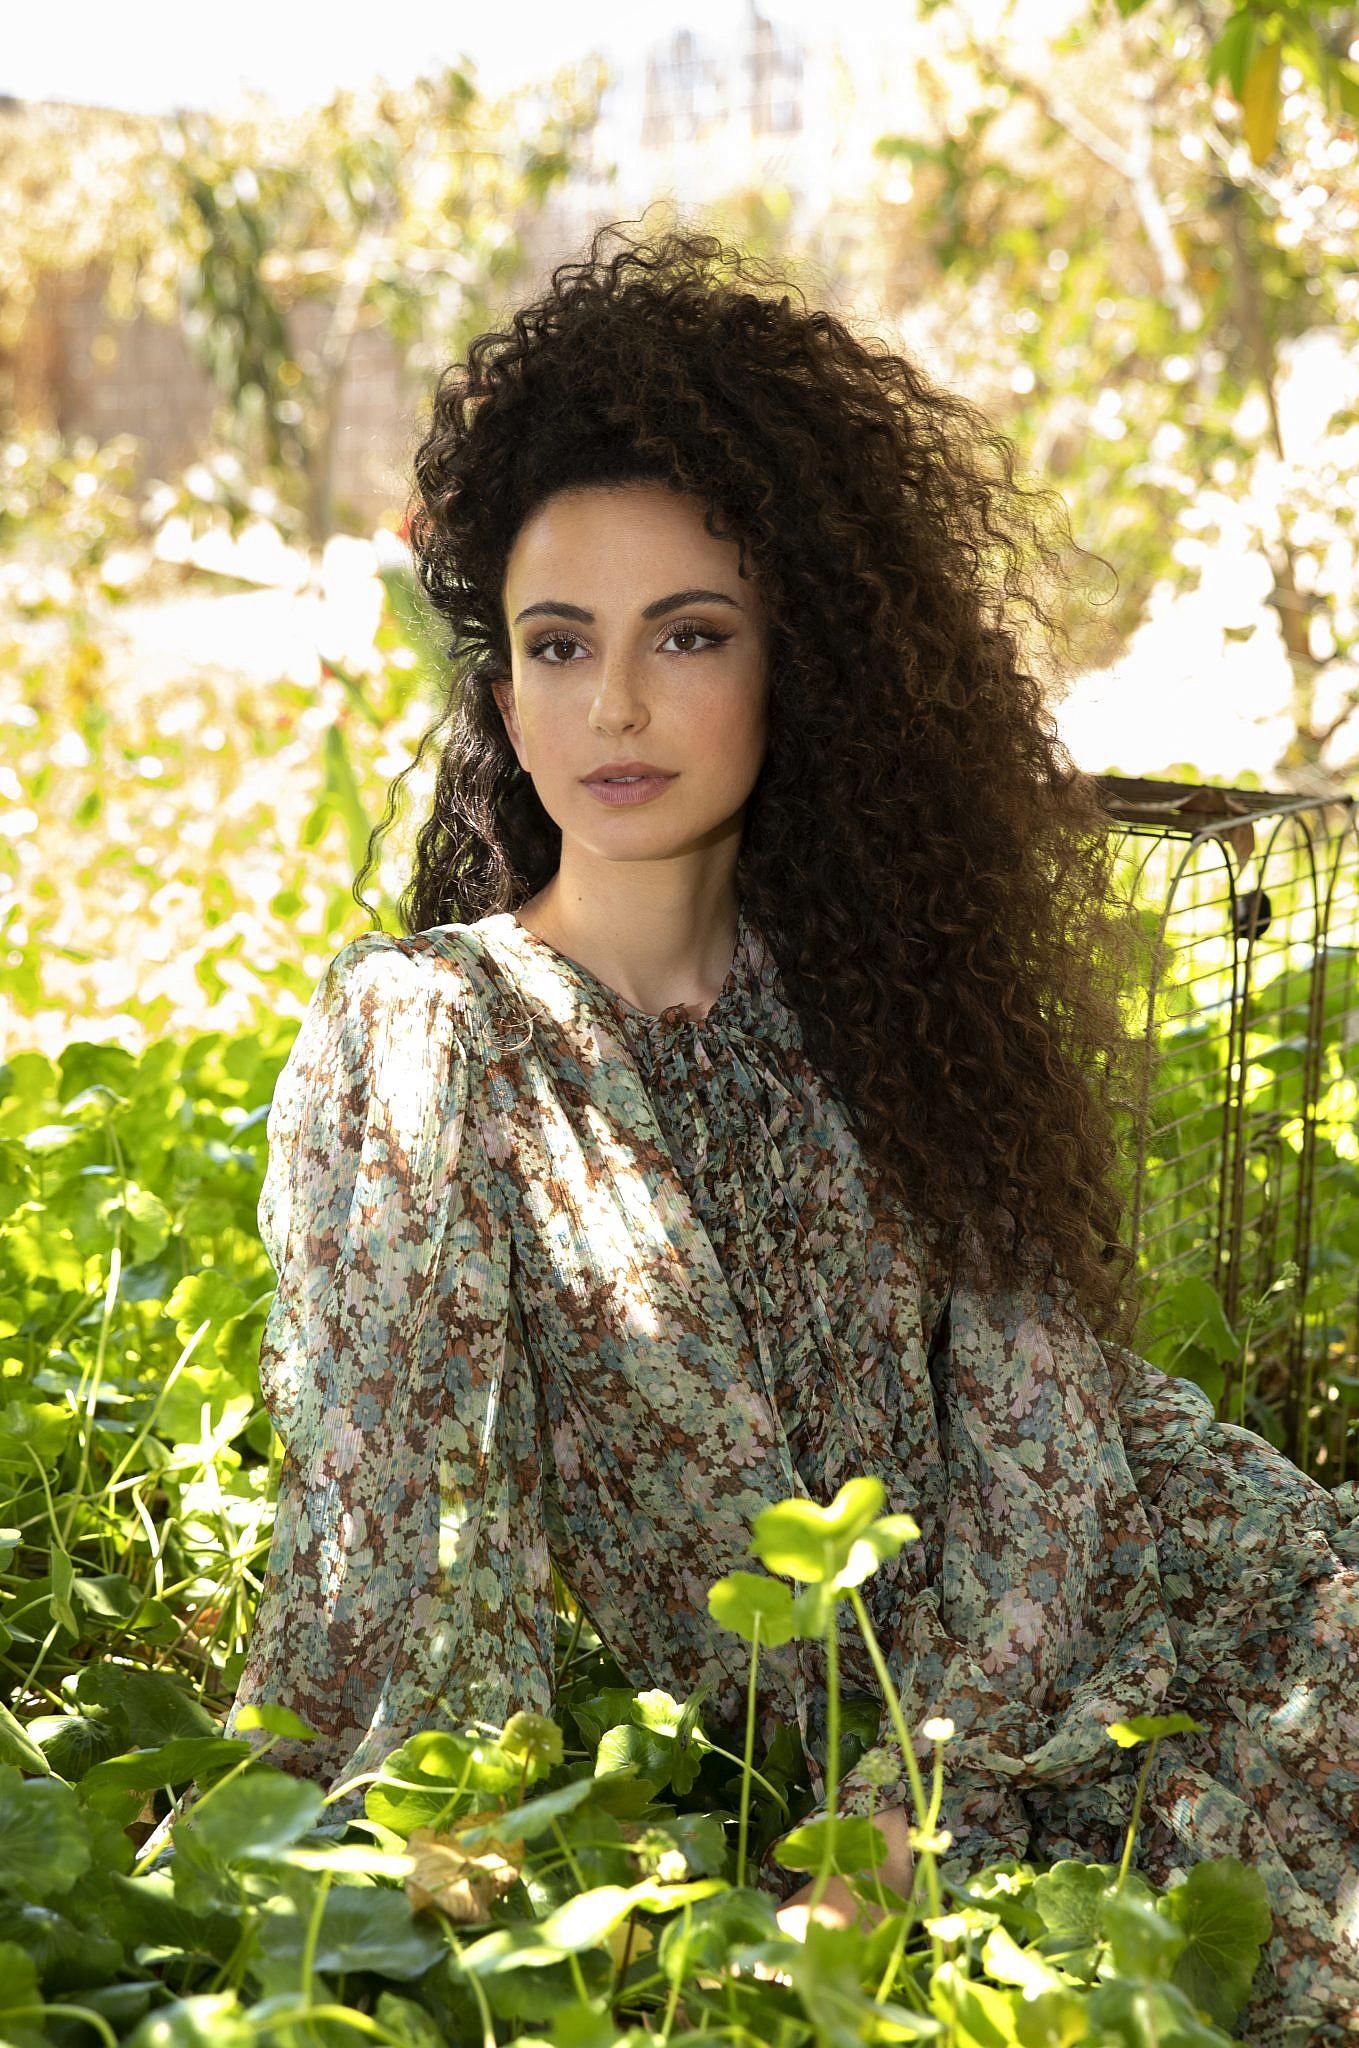 יובל דיין לובשת שמלה של סטלה מקרתני לאמור | צילום: עדי אורני, סטיילינג: מיקי ממון